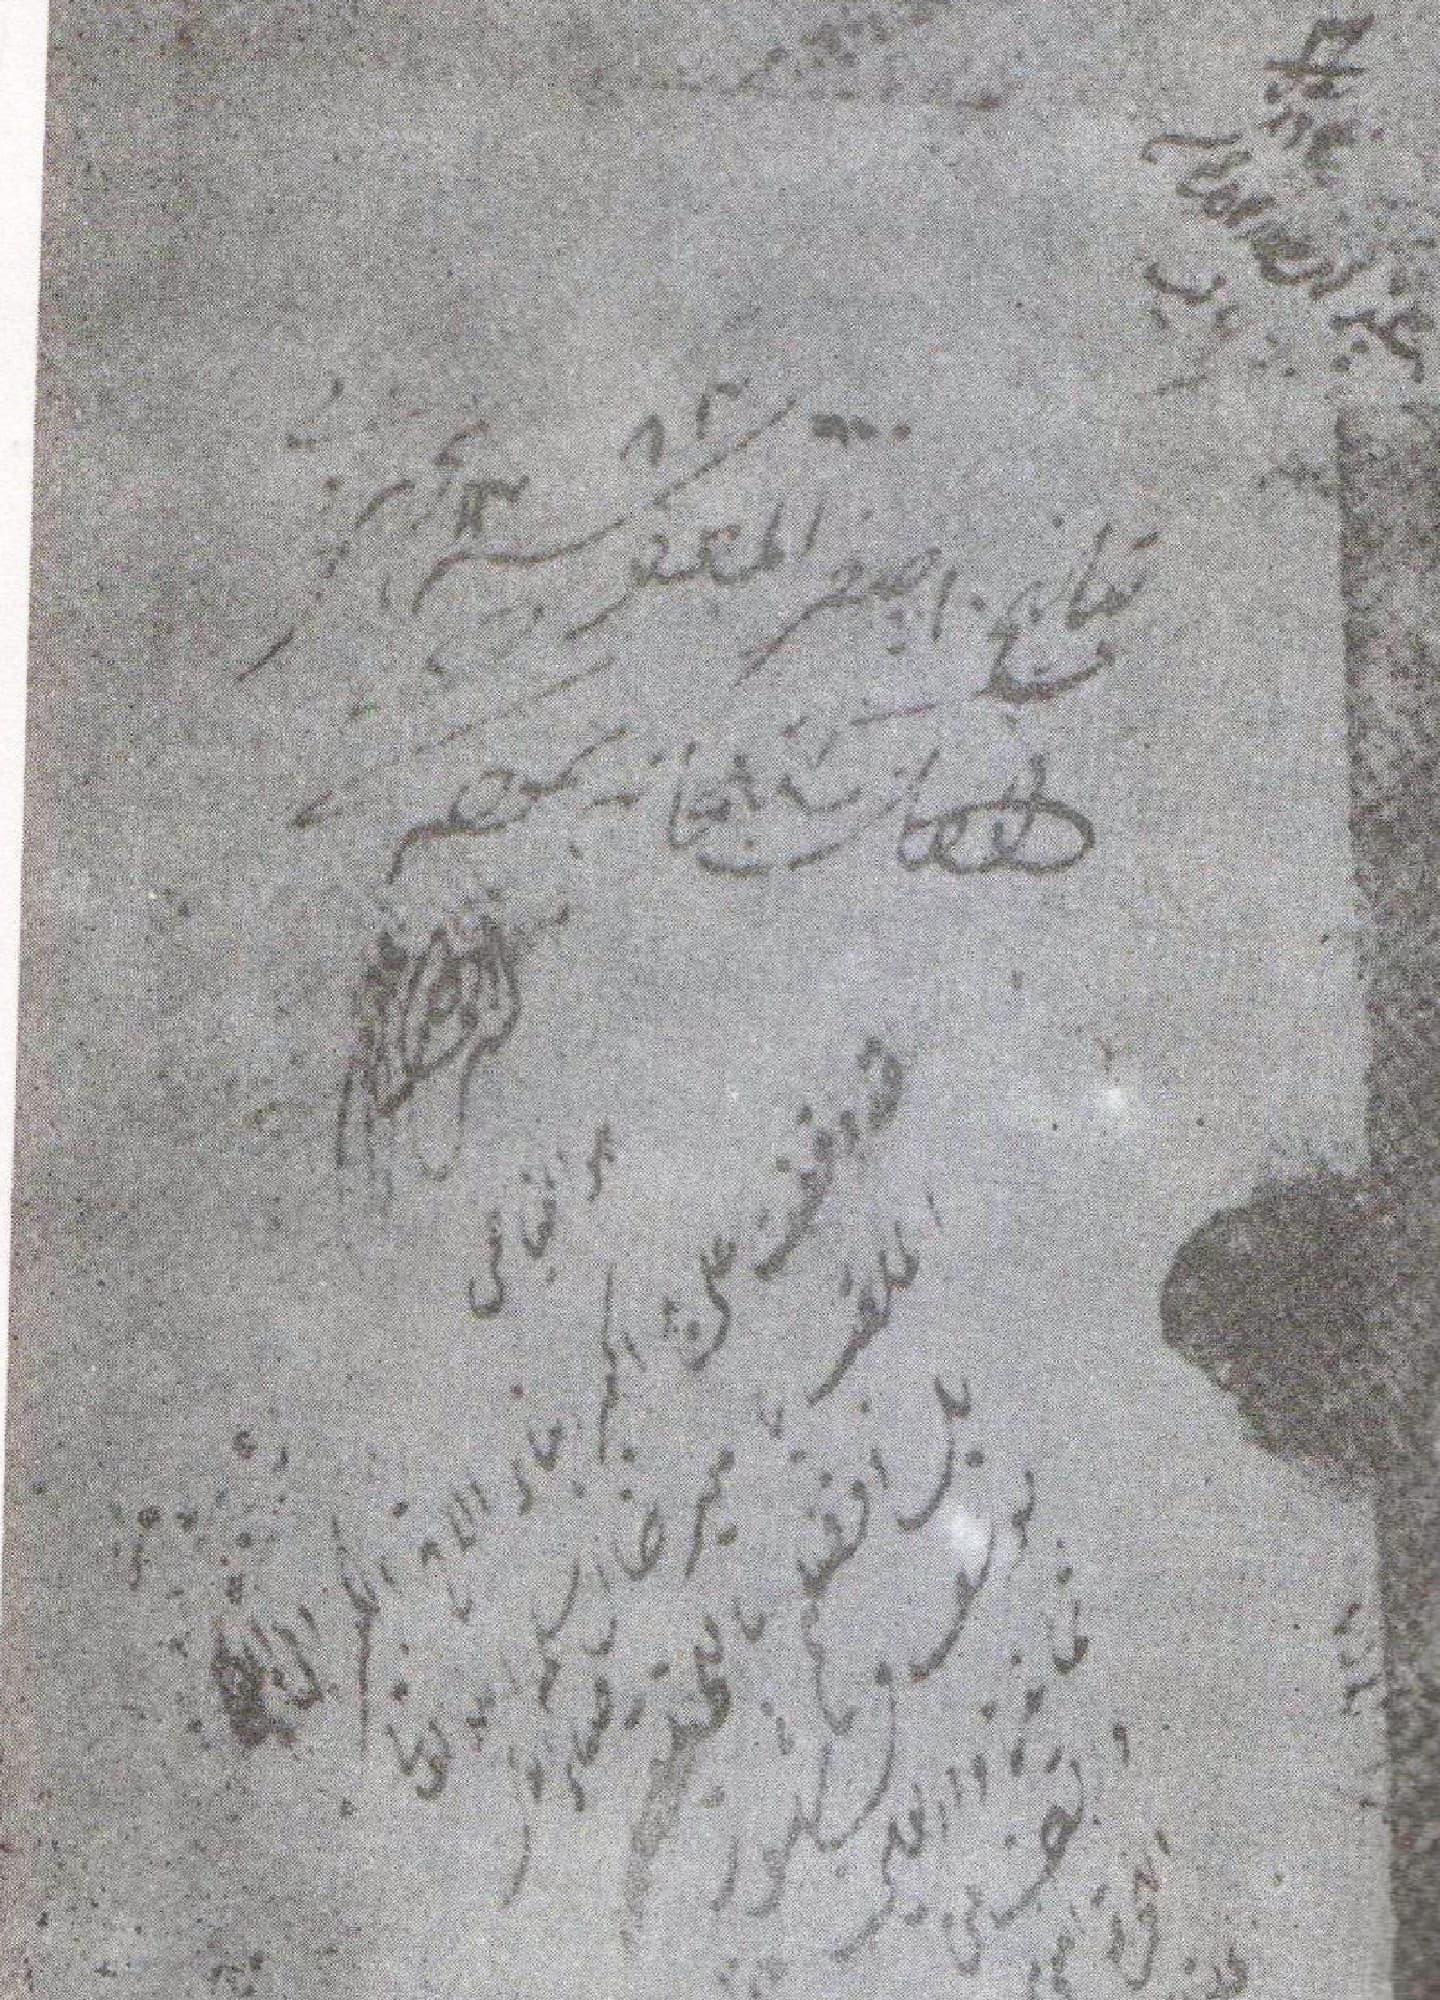 یوسف میرک کے ہاتھ سے لکھی تحریر